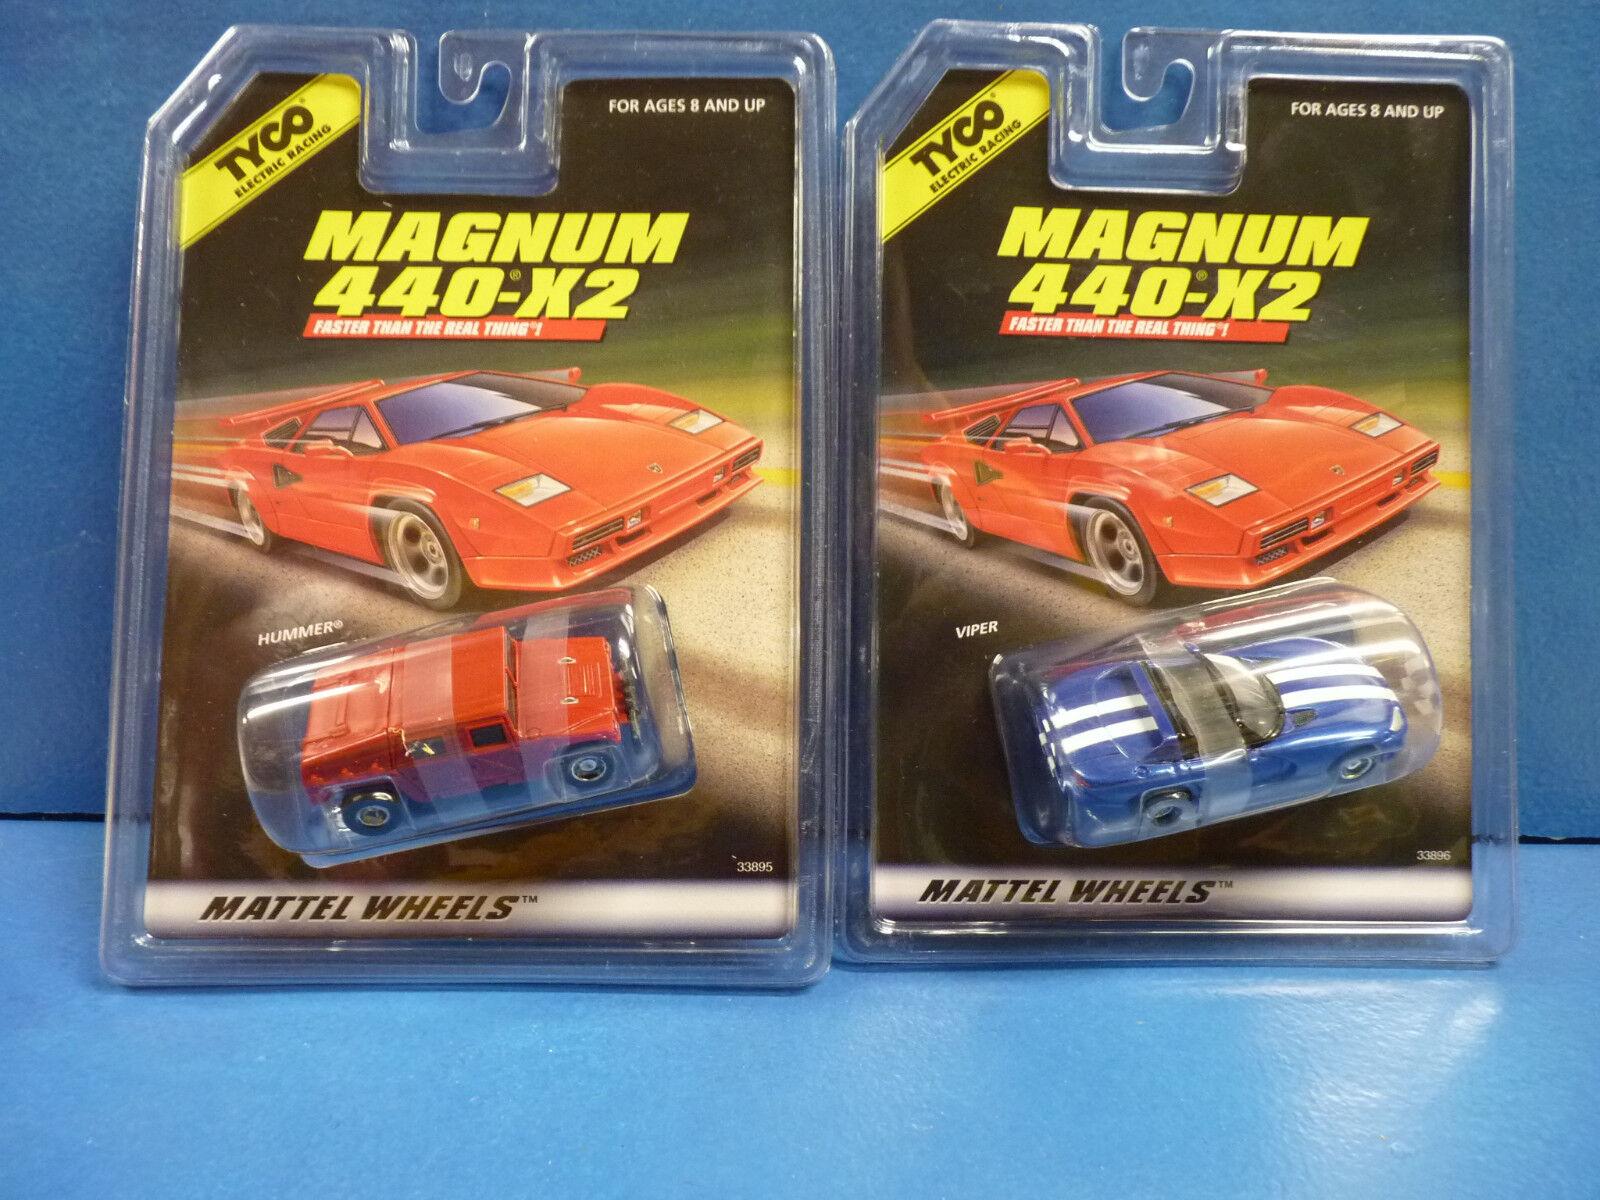 TYCO MAGNUM 440-X2 SLOT CARS 1 EA 33896, 1 EA 33895 HUMMER, VIPER